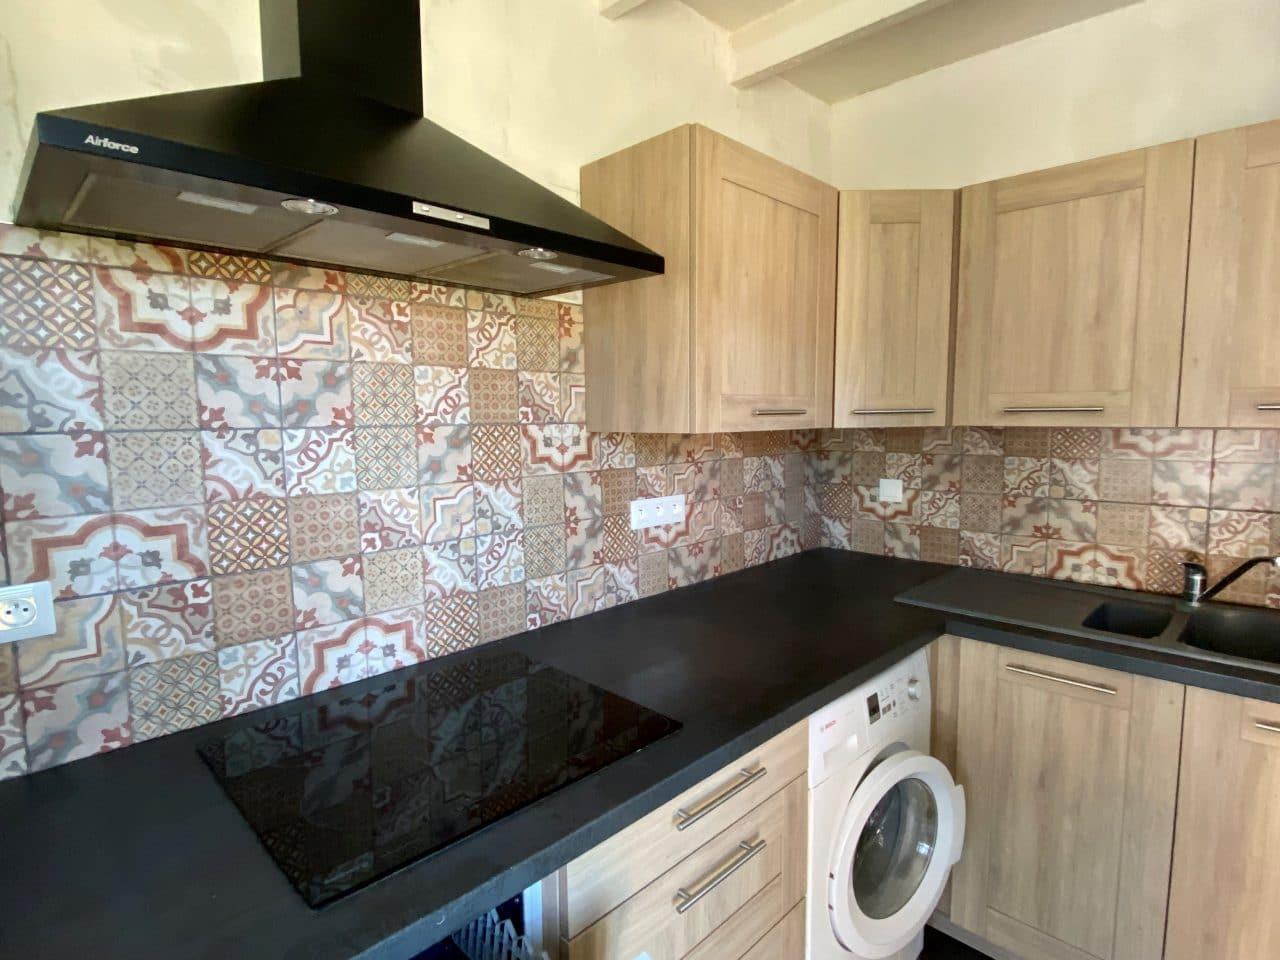 Rénovation intérieure d'une maison à Lederzeele - rénovation cuisine